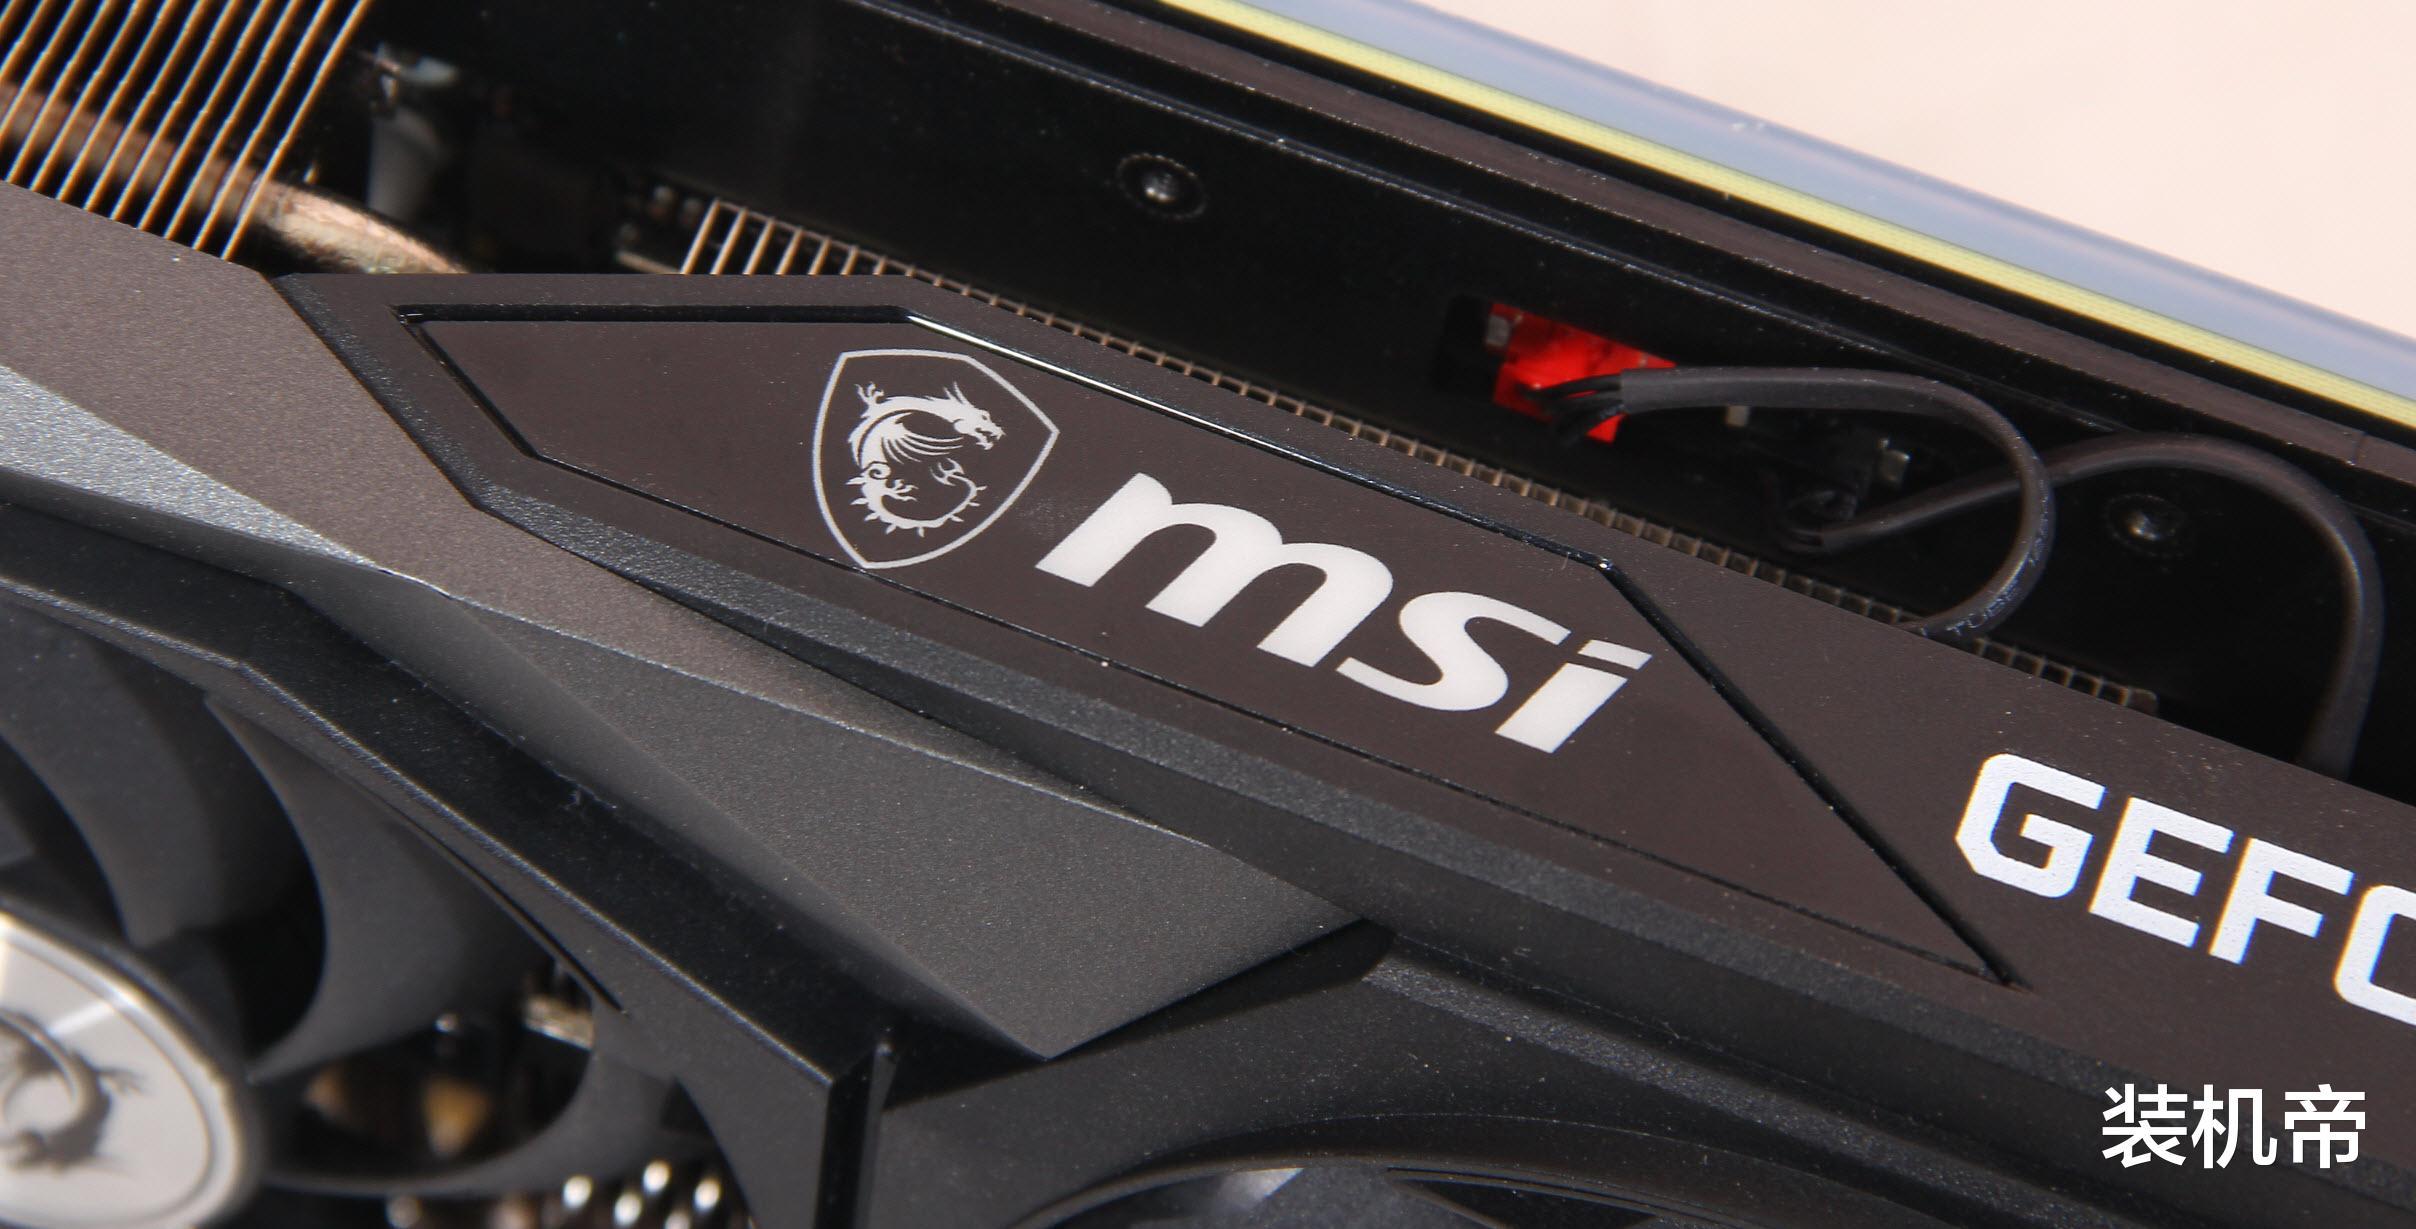 台电腾龙G40DDR43000MHz8G内存的售价还很 好物评测 第21张